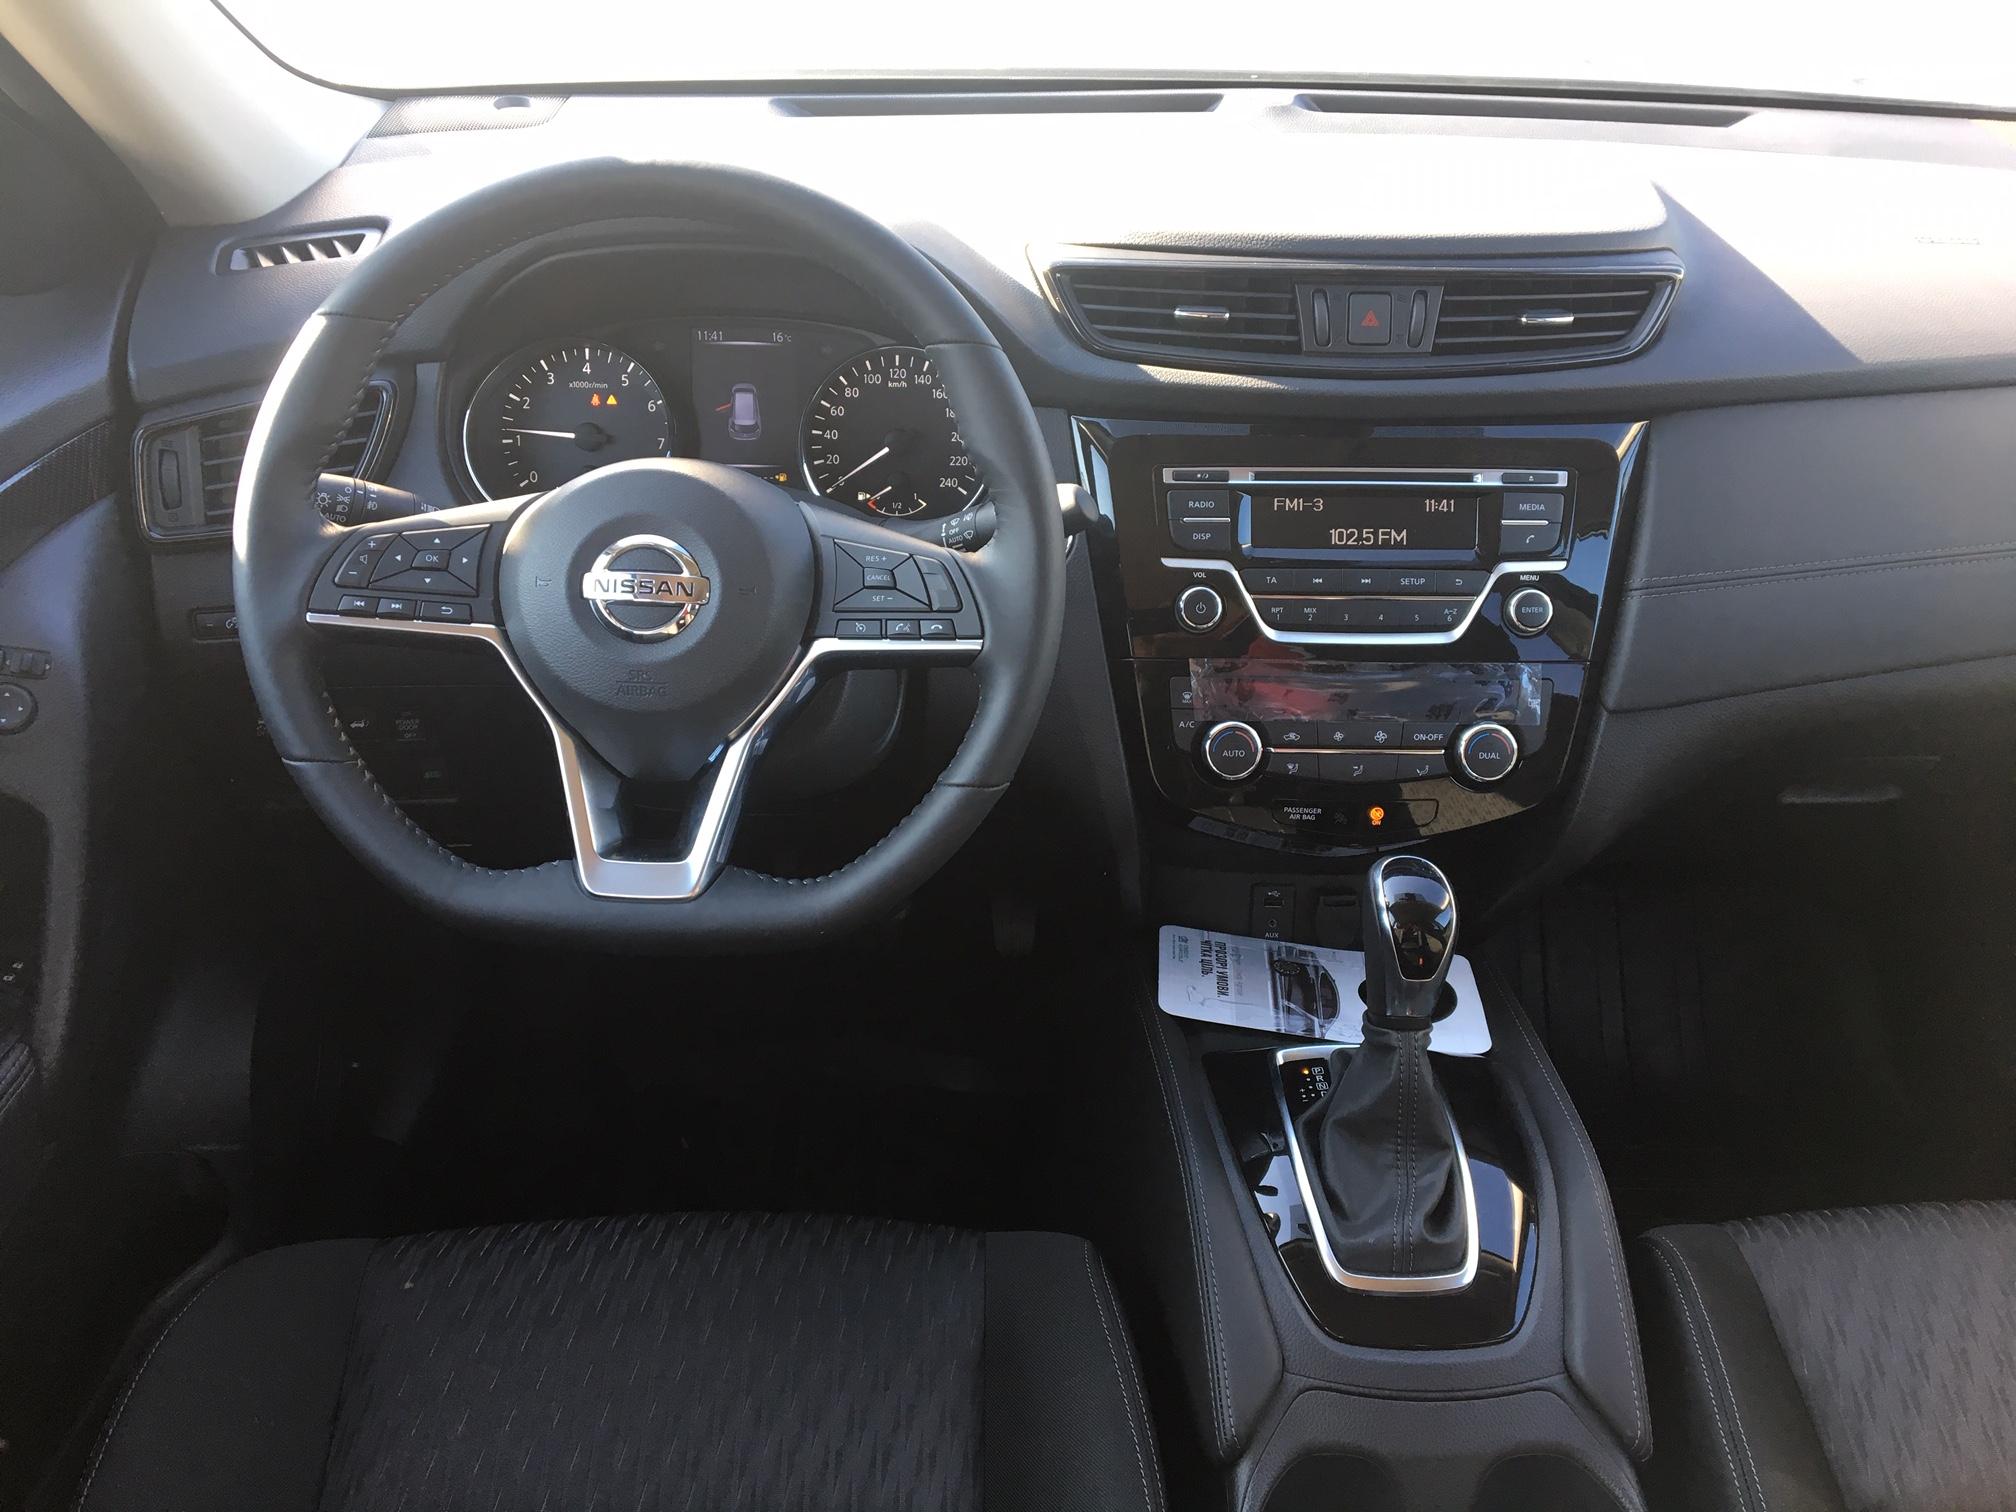 new_avto-1119055580.JPG